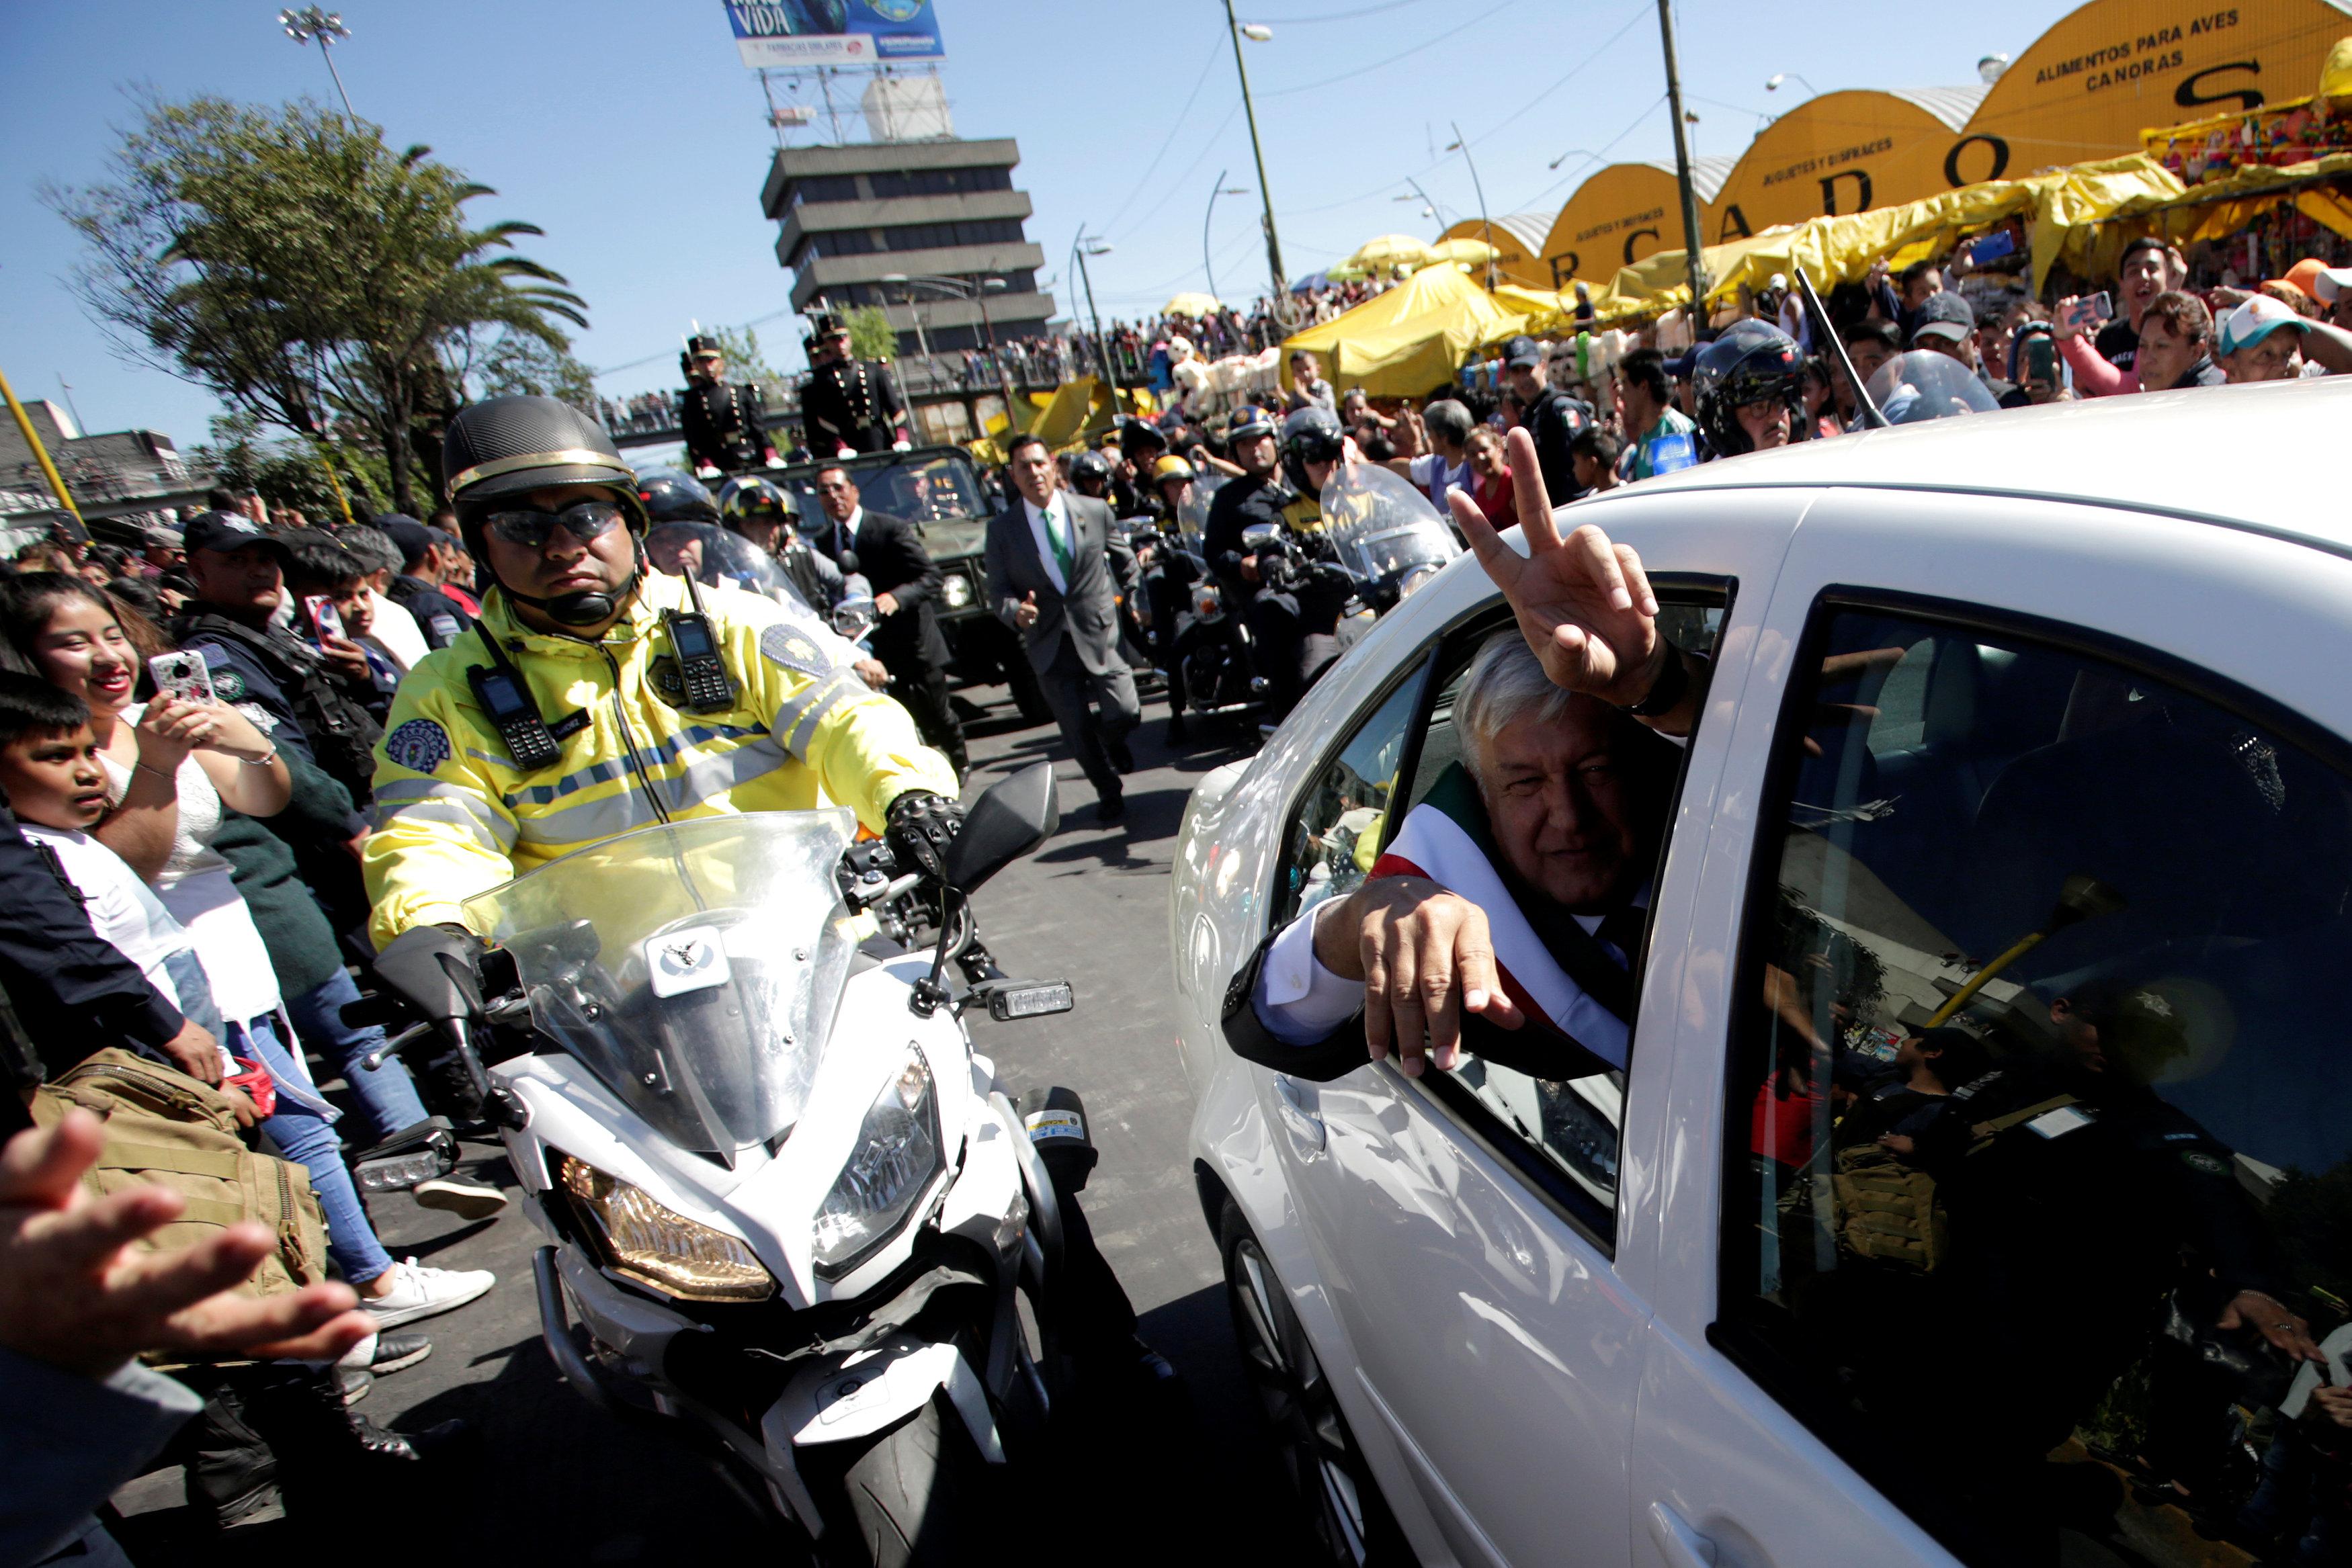 رئيس المكسيك الجديد أندريس مانويل لوبيز أوبرادور يلوح من سيارته